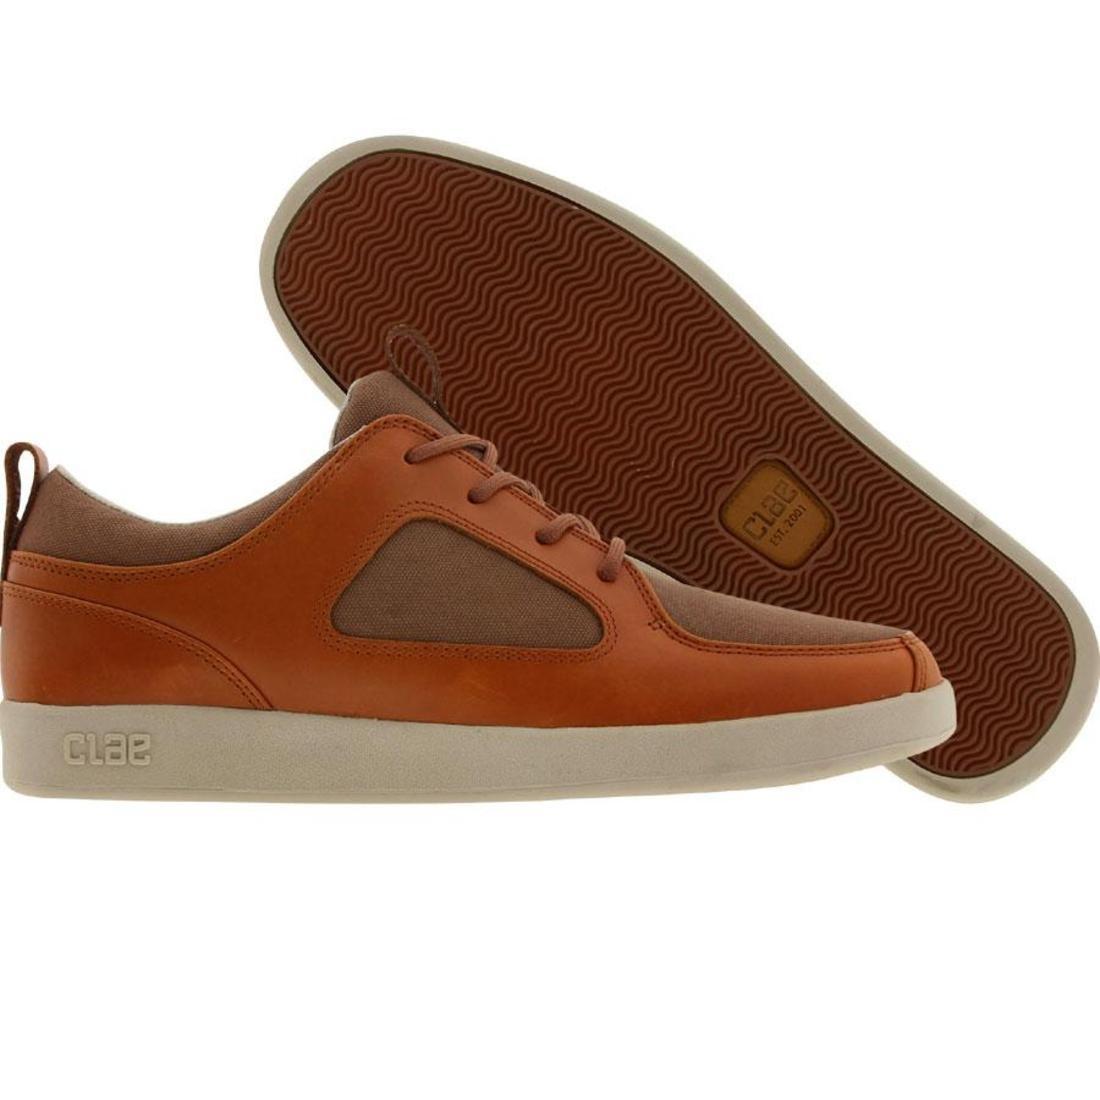 【海外限定】パーカー 靴 スニーカー 【 CLAE PARKER CARAMEL WALNUT 】